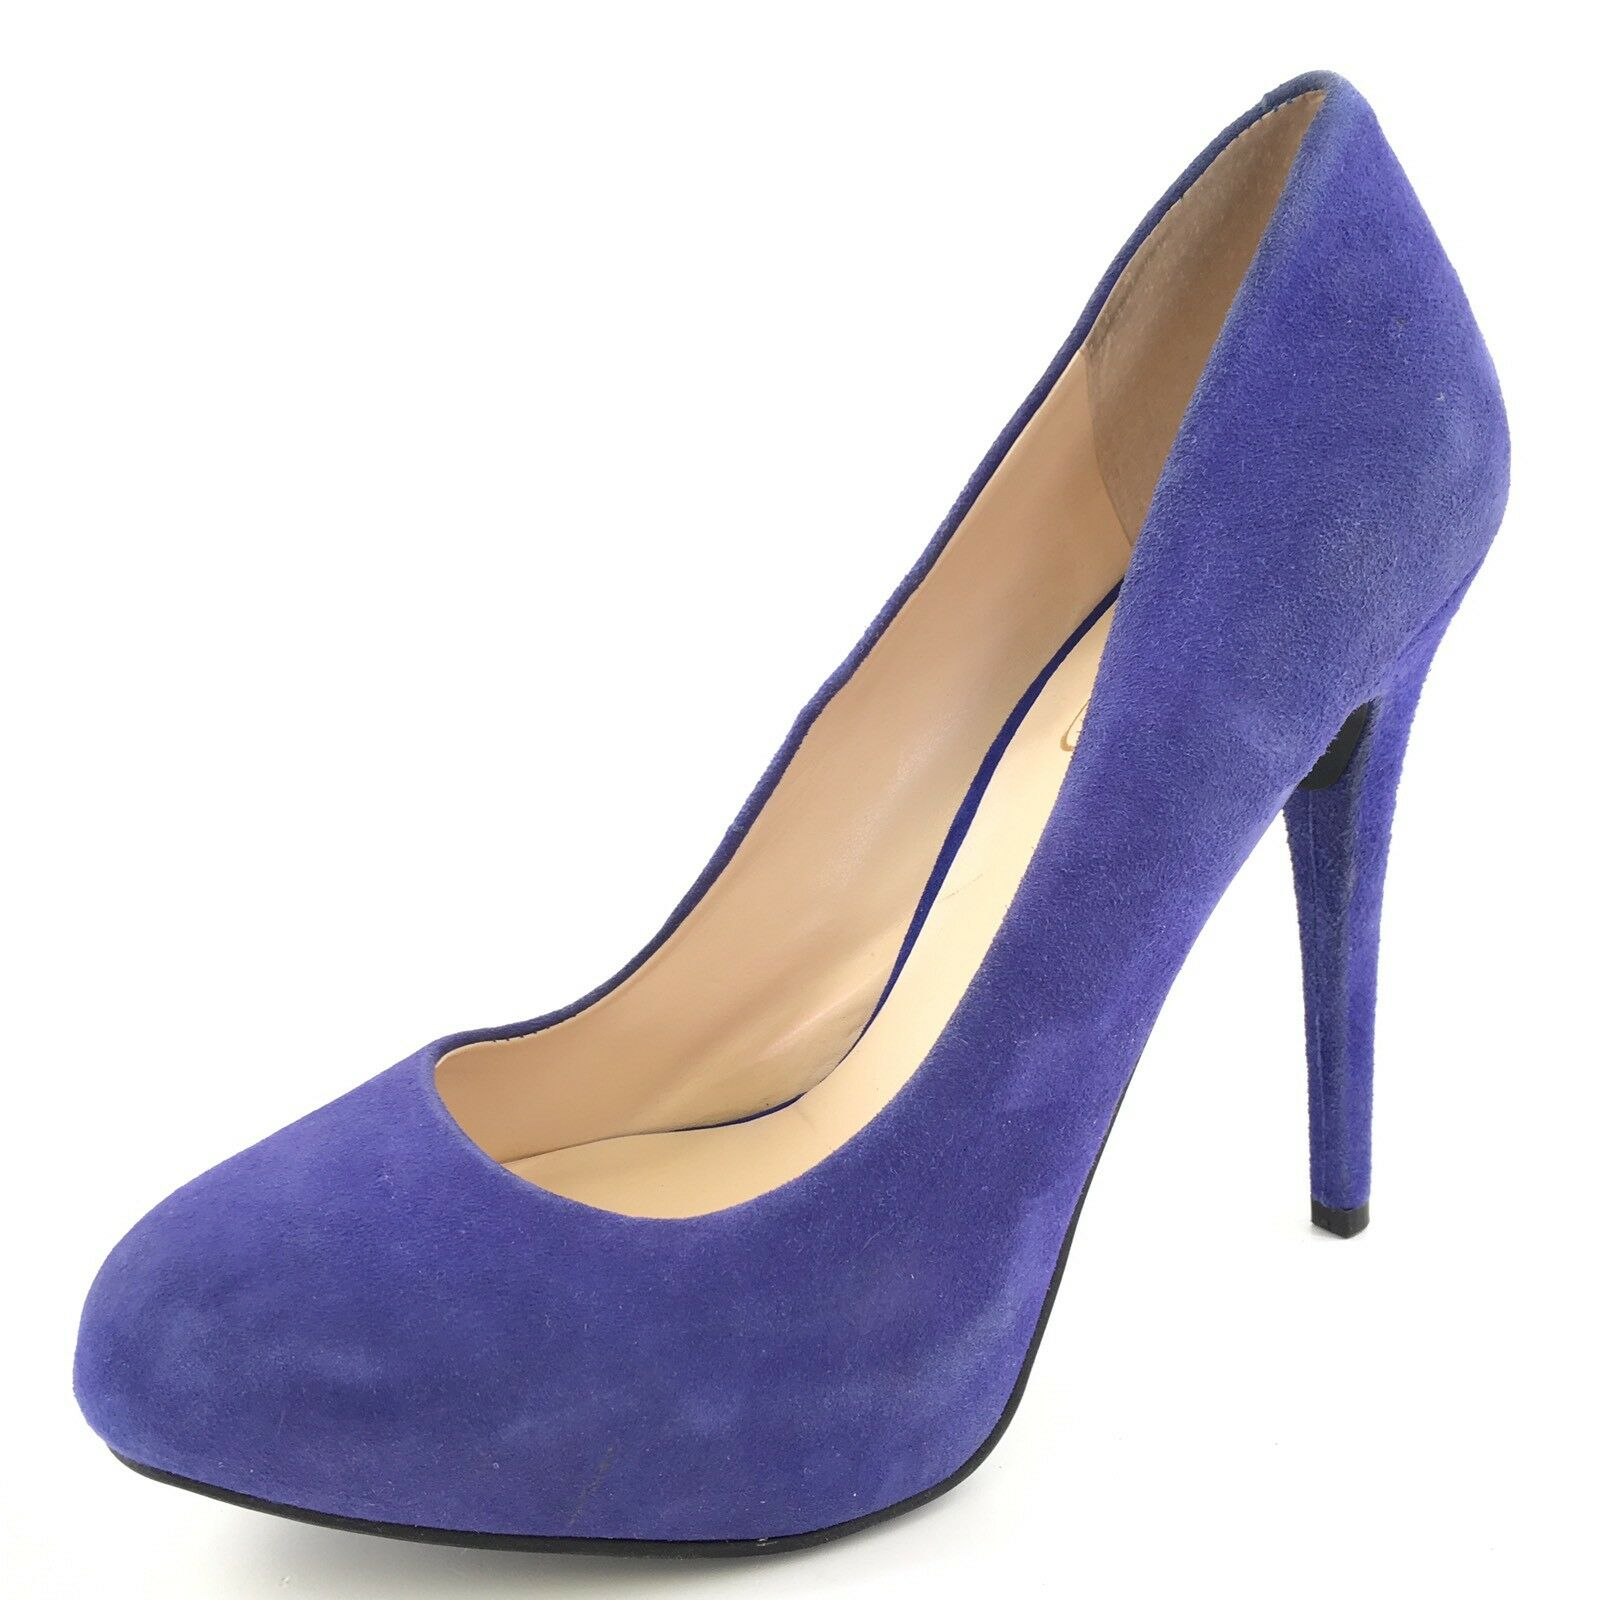 nuovo di marca Jessica Simpson Natalli viola Suede Platform Pumps Donna Donna Donna  Dimensione 8.5 M  prezzi equi